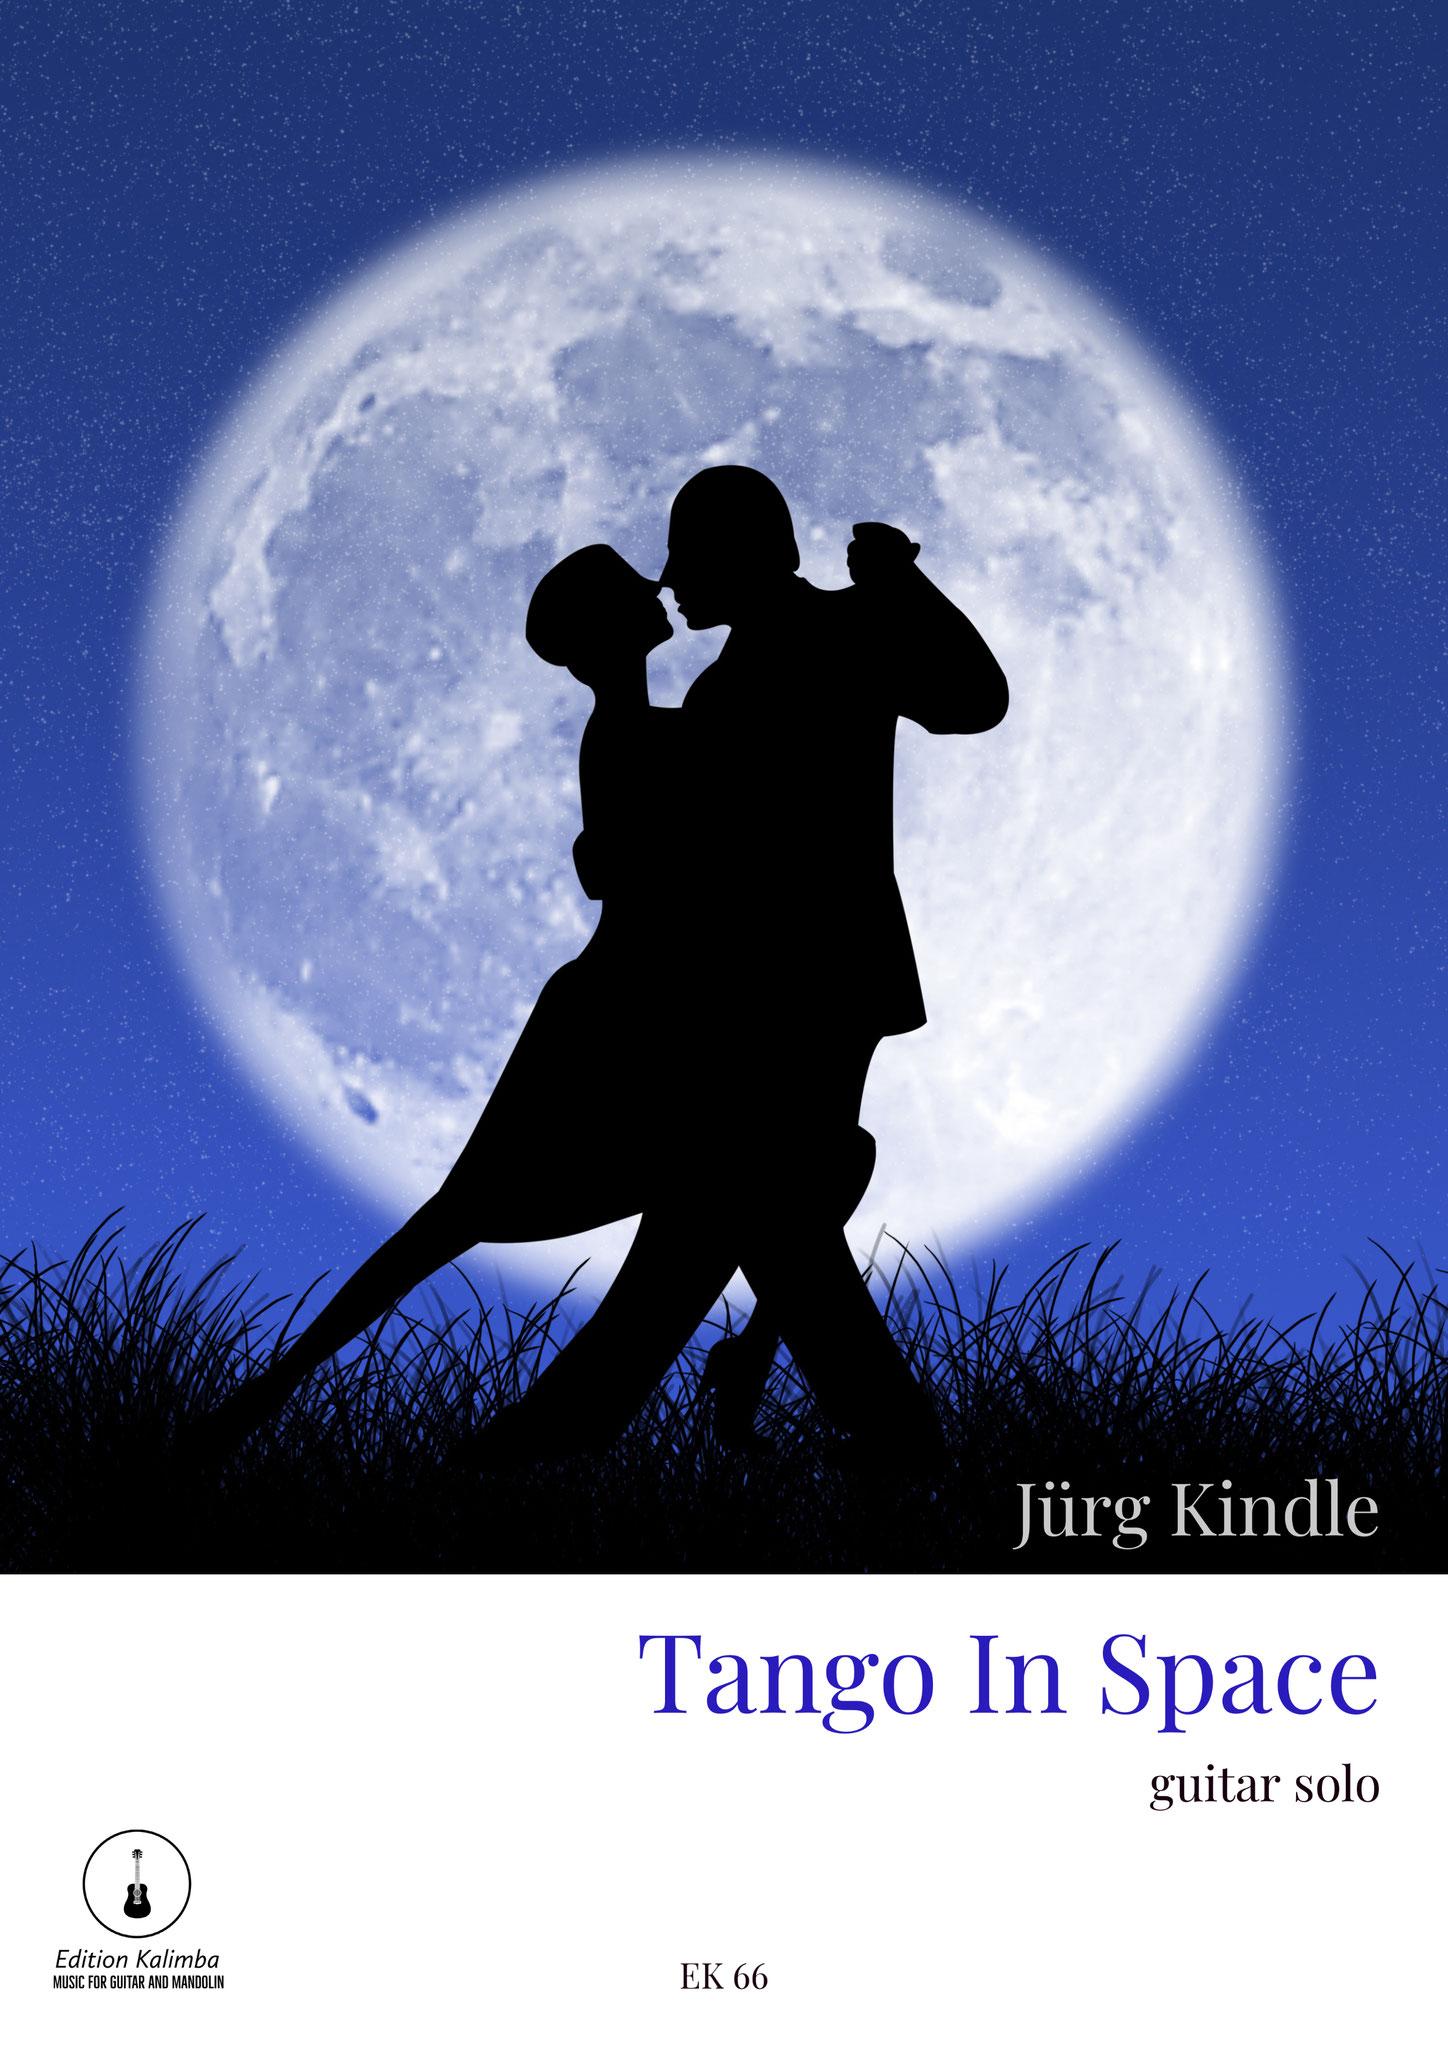 Tango in Space